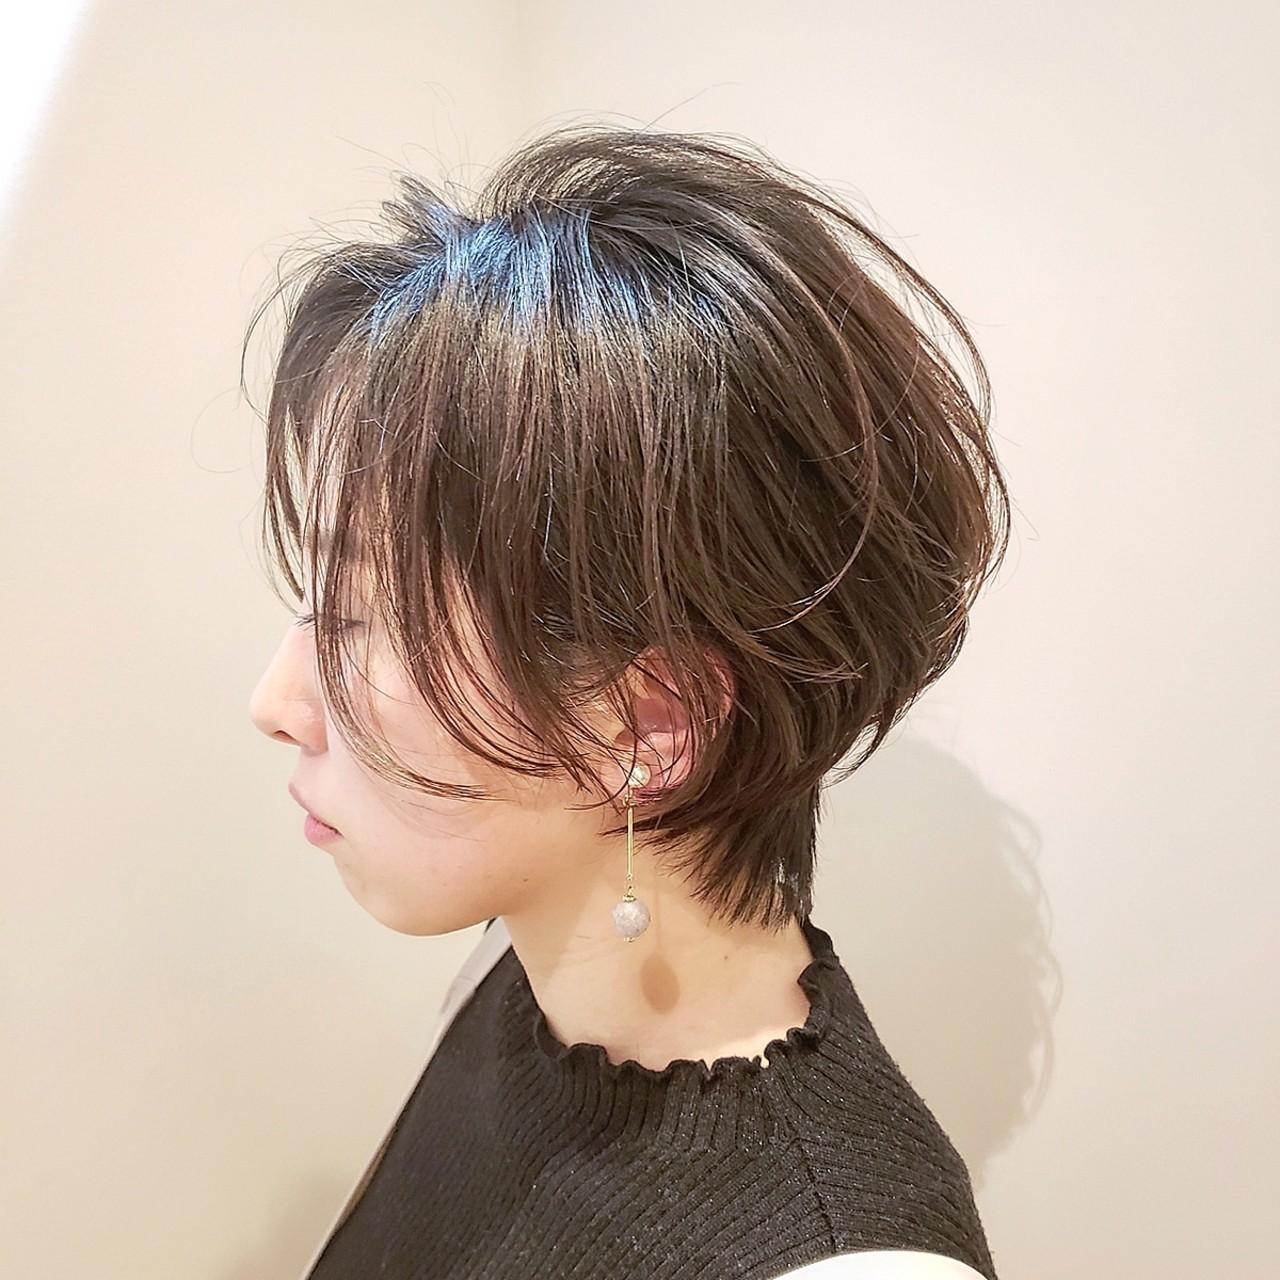 アンニュイほつれヘア パーマ デート 簡単ヘアアレンジ ヘアスタイルや髪型の写真・画像 | 中高下 由真(なかこうげ ゆうま) / BEAUTRIUM 表参道店